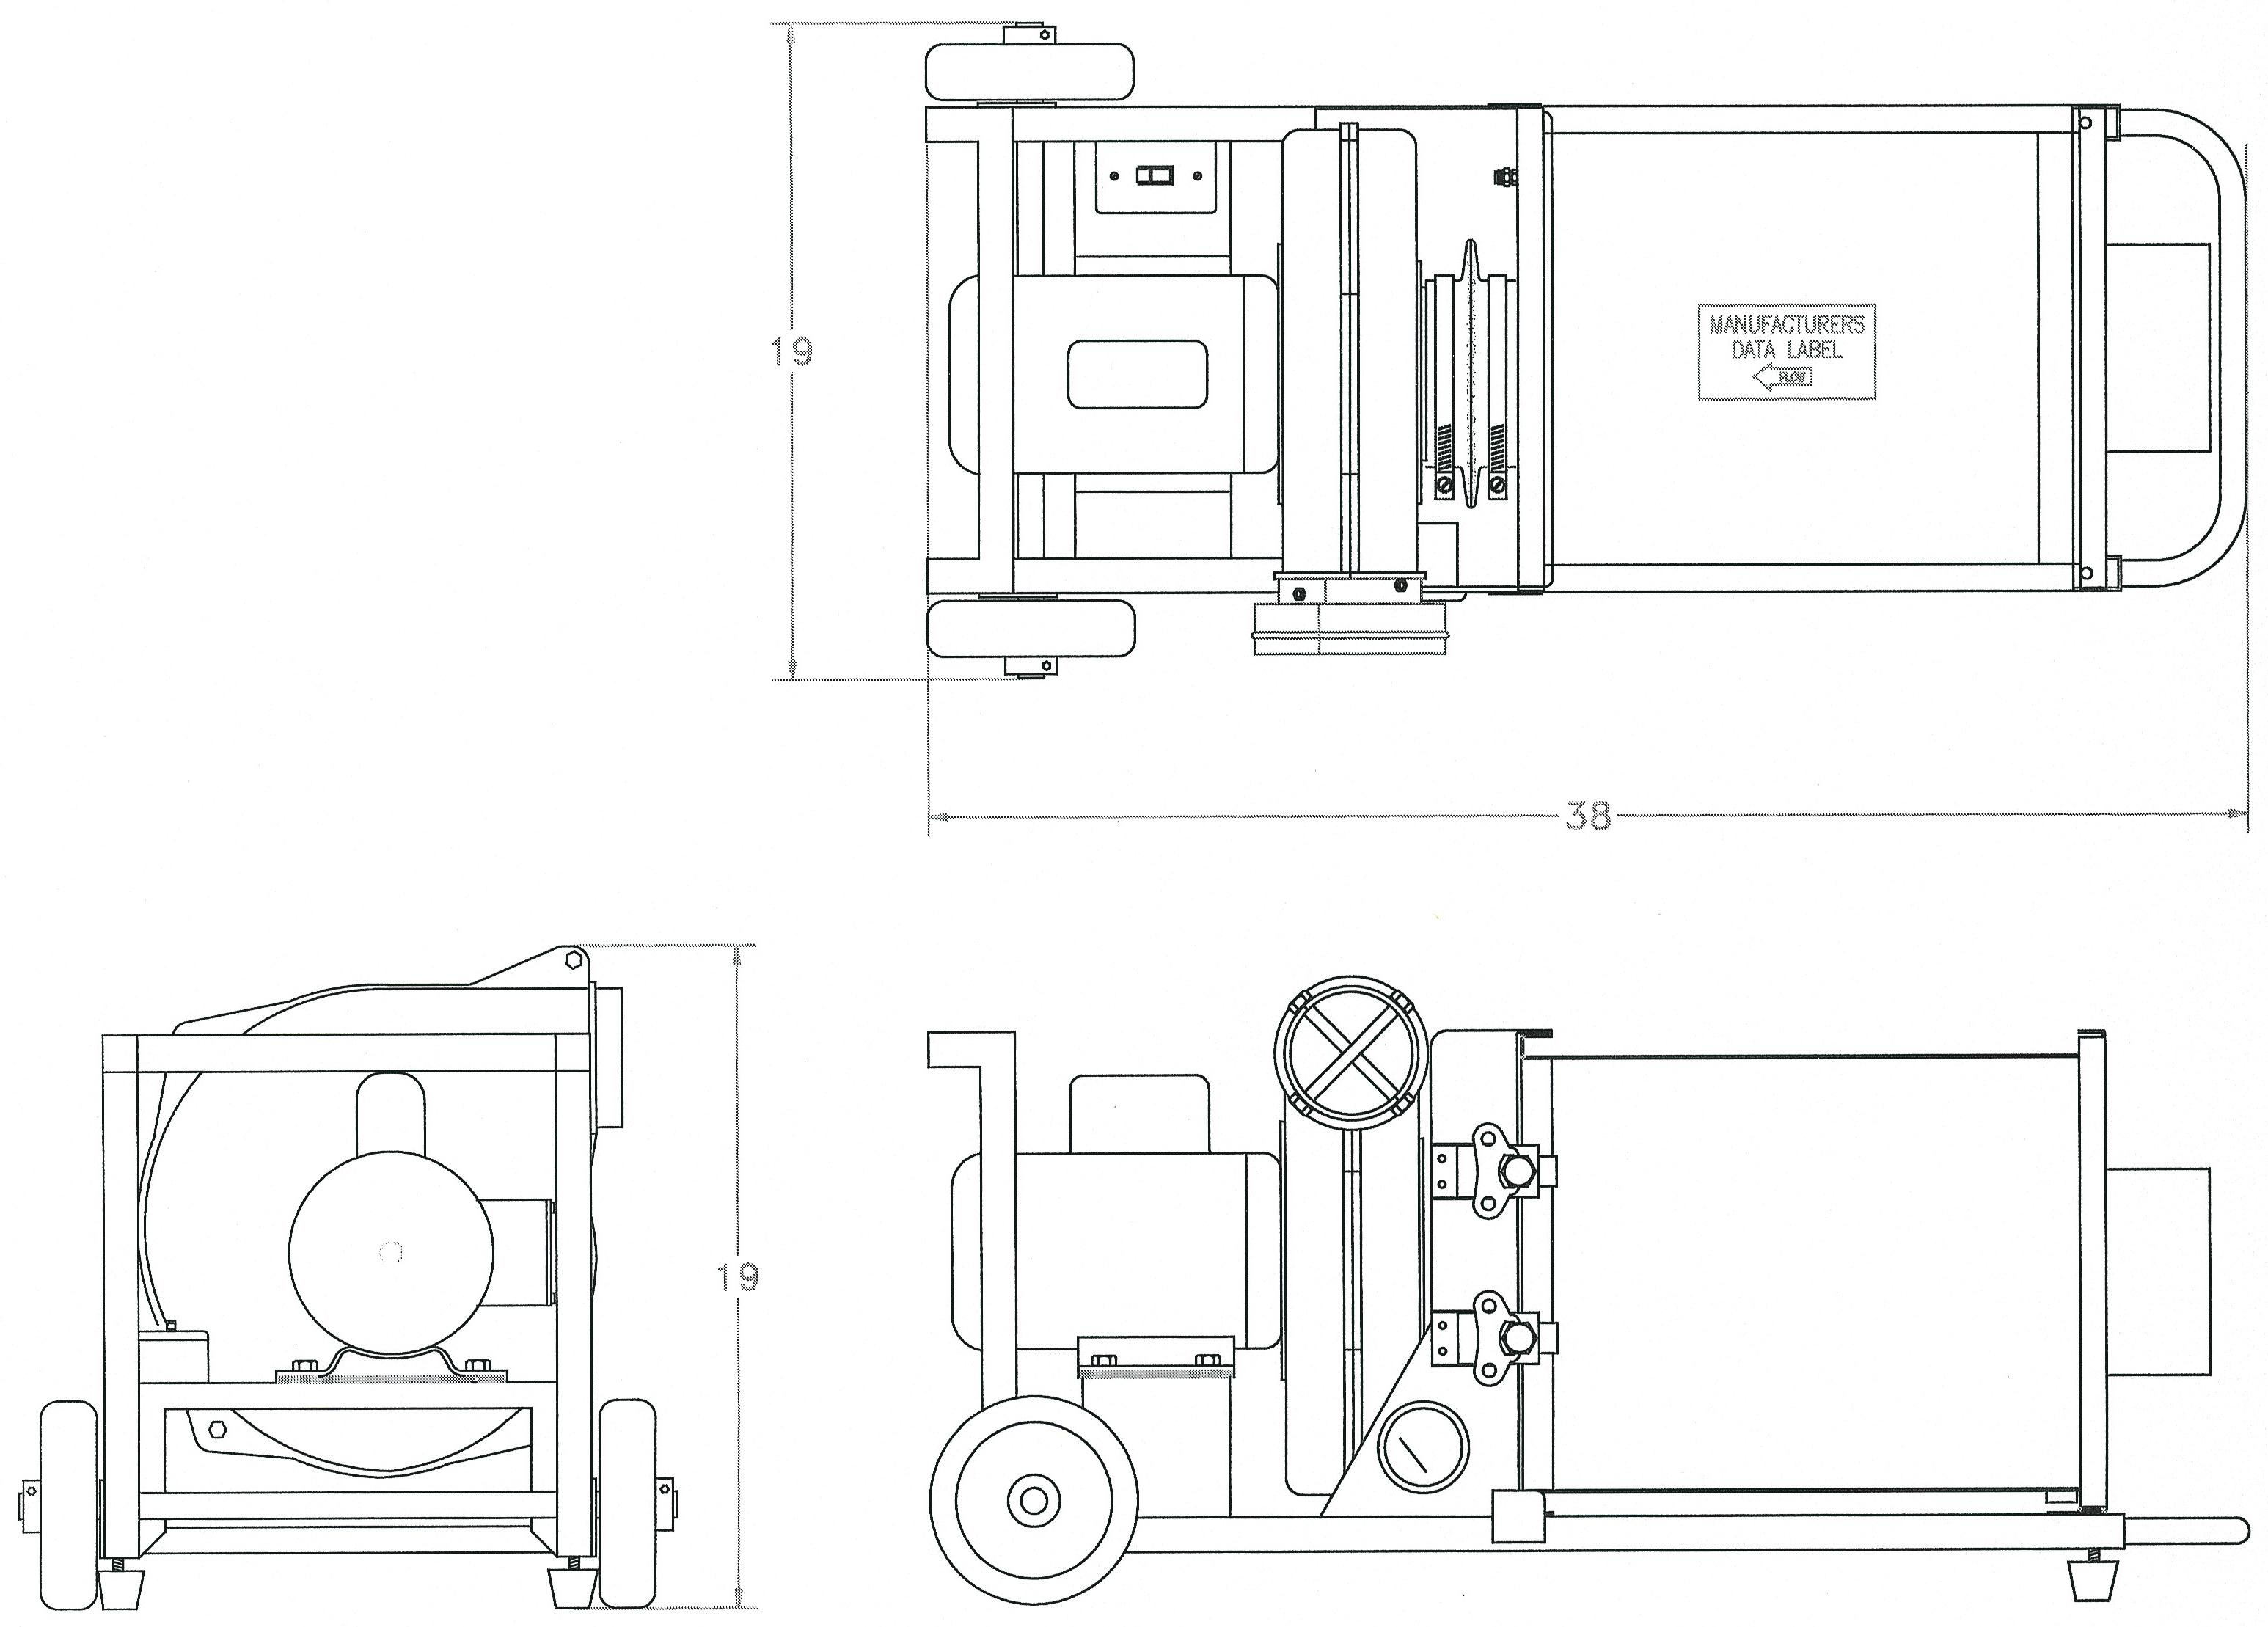 515cfm Sp 505a Fm34 Portable Hepa Filtration Unit Csa Approved Ventilation Unit